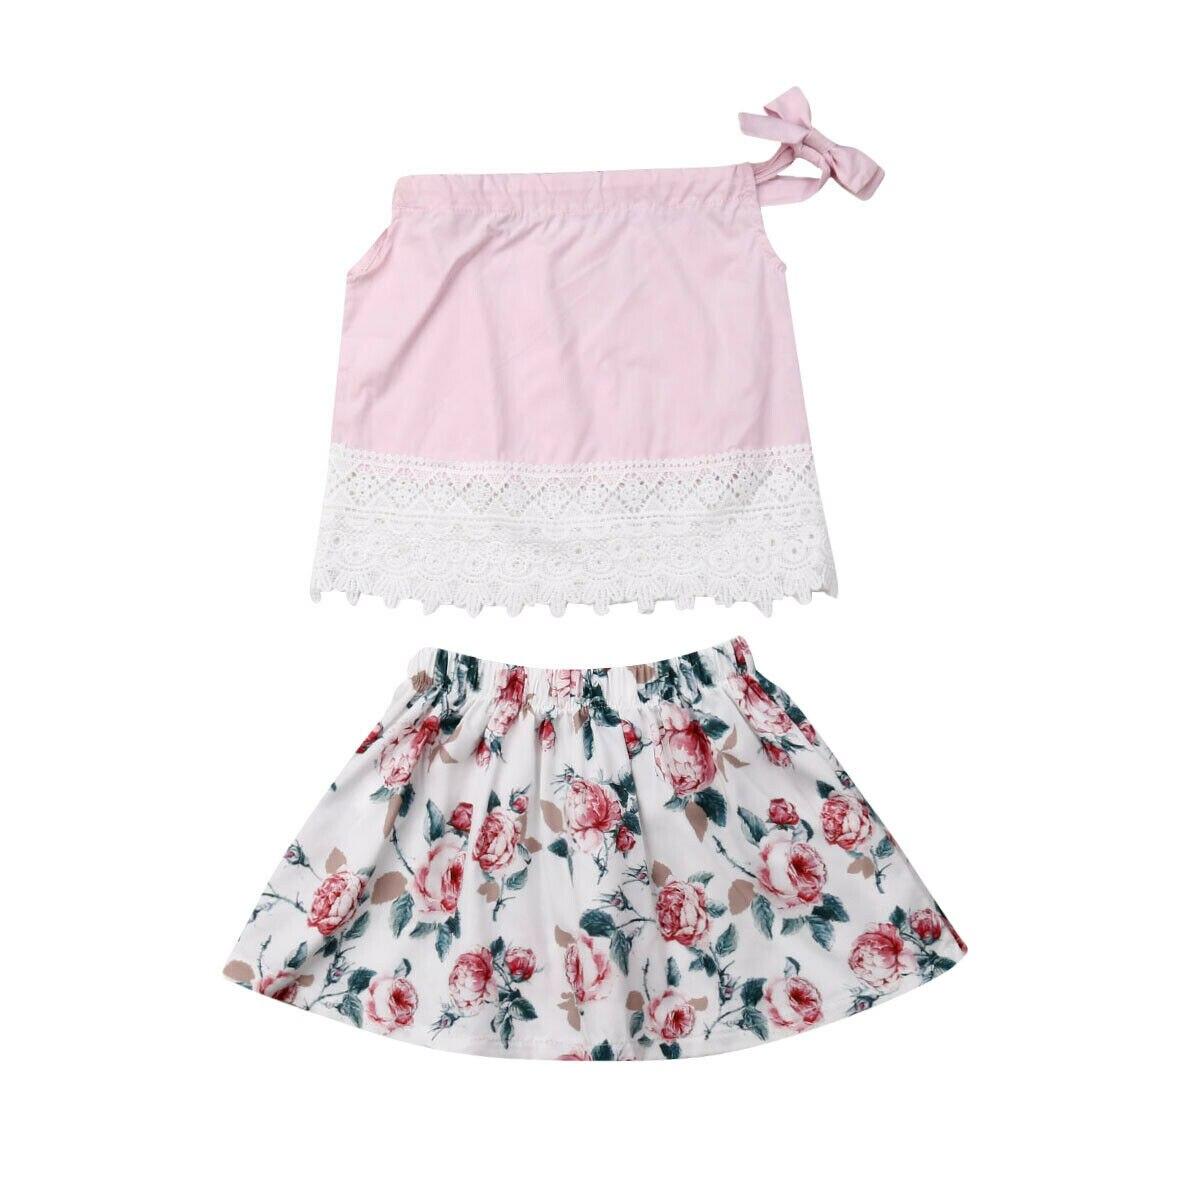 2 Pcs Set Kleinkind Kinder Baby Mädchen Ärmellose Spitze Tank Tops Blume A-linie Rock Outfits Prinzessin Mädchen Sommer Kleidung